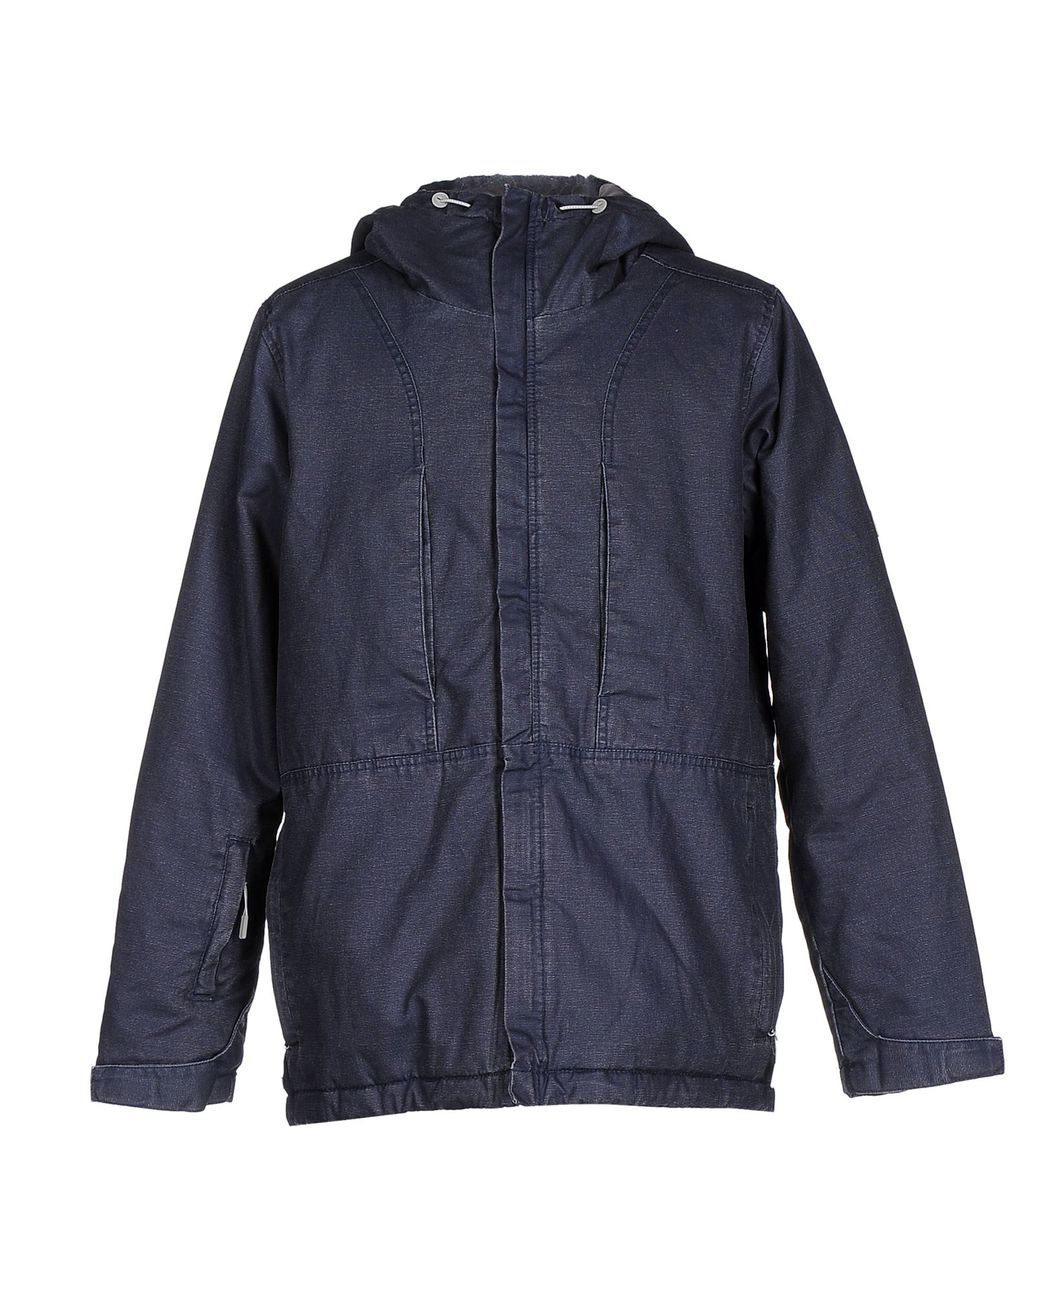 Jacket Blue Jacket Men Jackets Mens Jackets